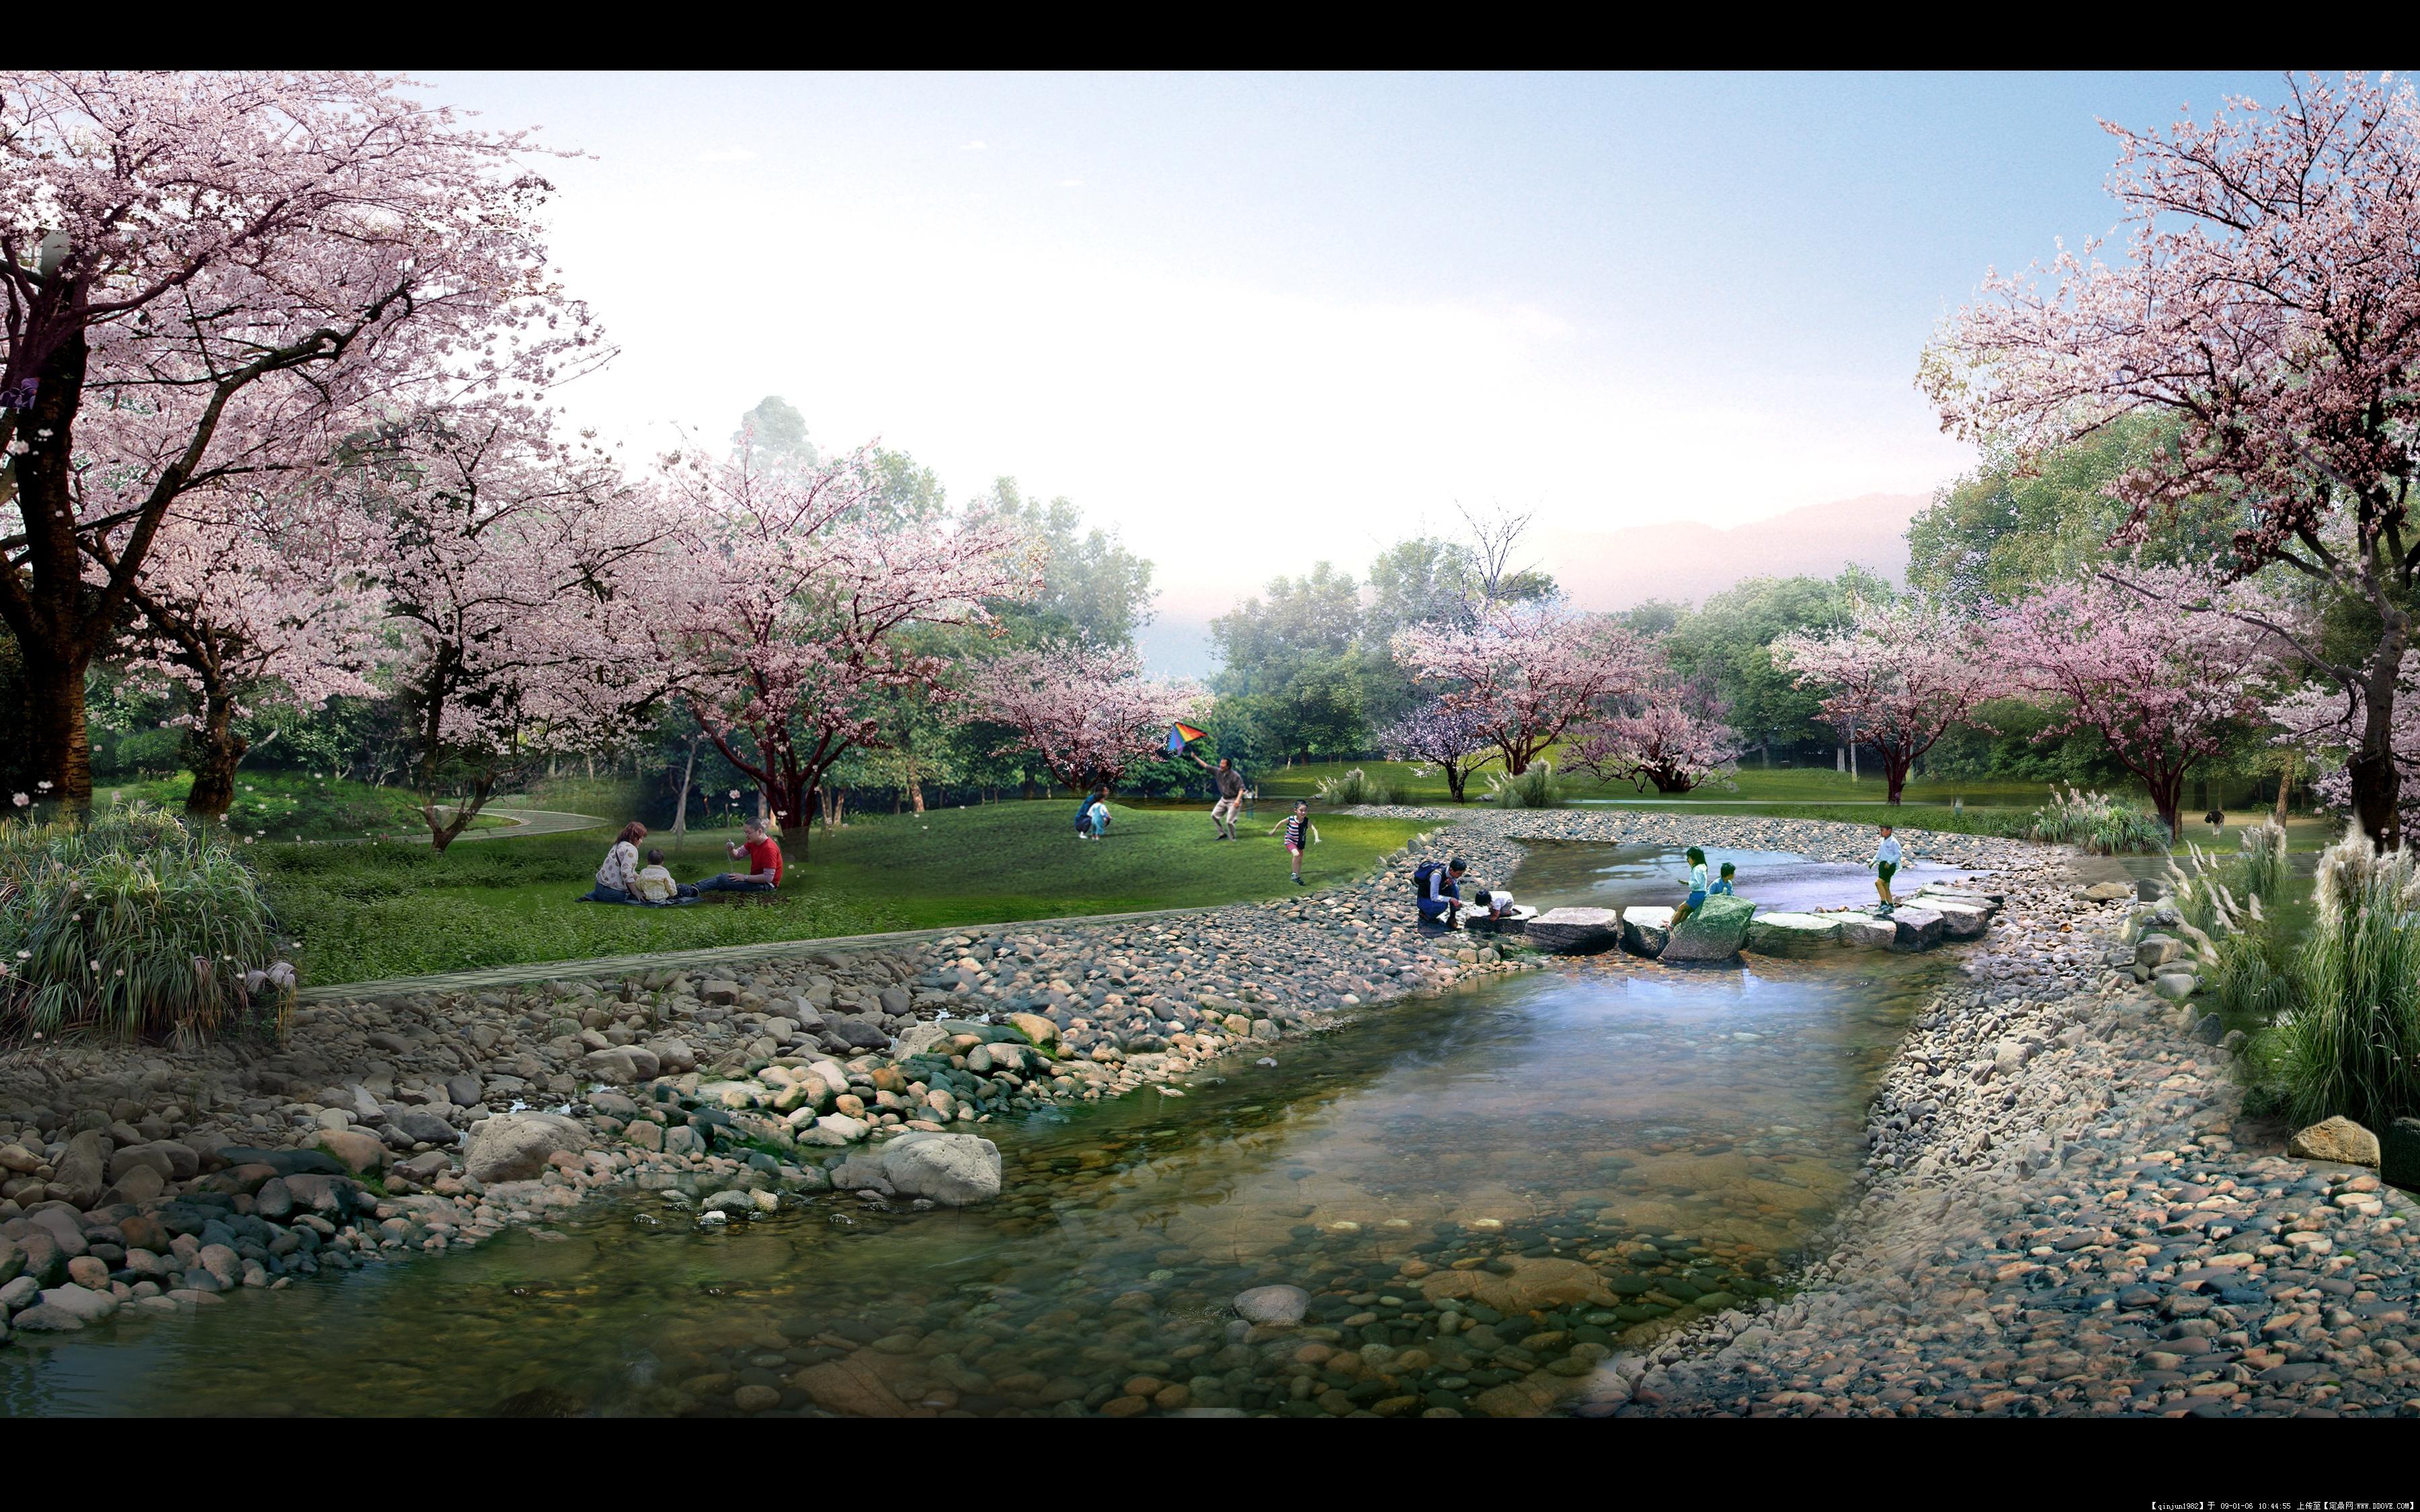 樱花的图片浏览,园林效 果图,公园景观,园林景观设计